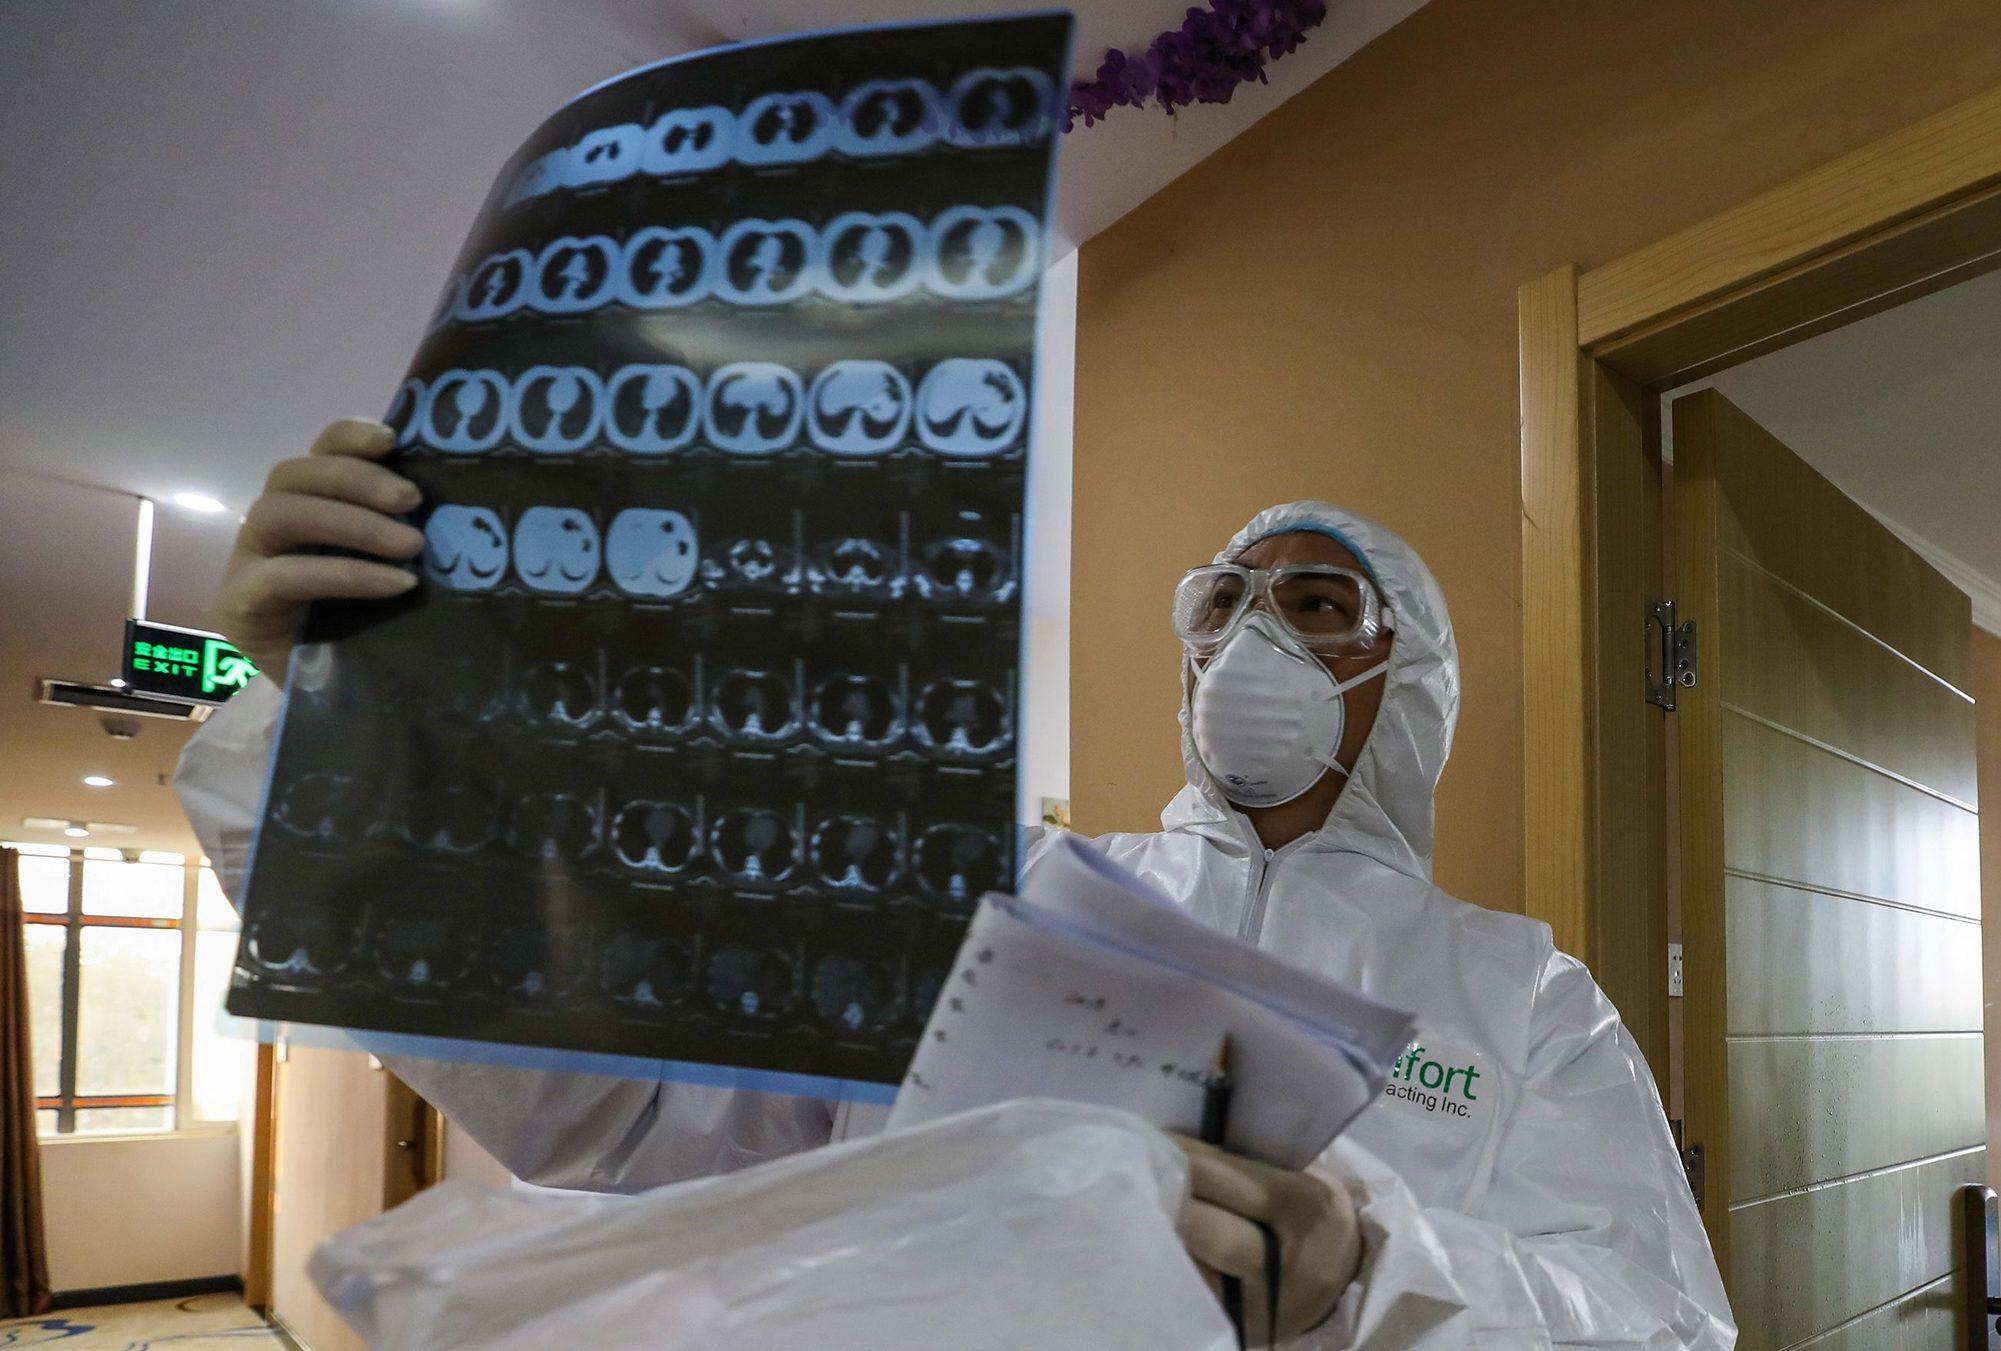 Šta korona virus radi organizmu? - Gerila